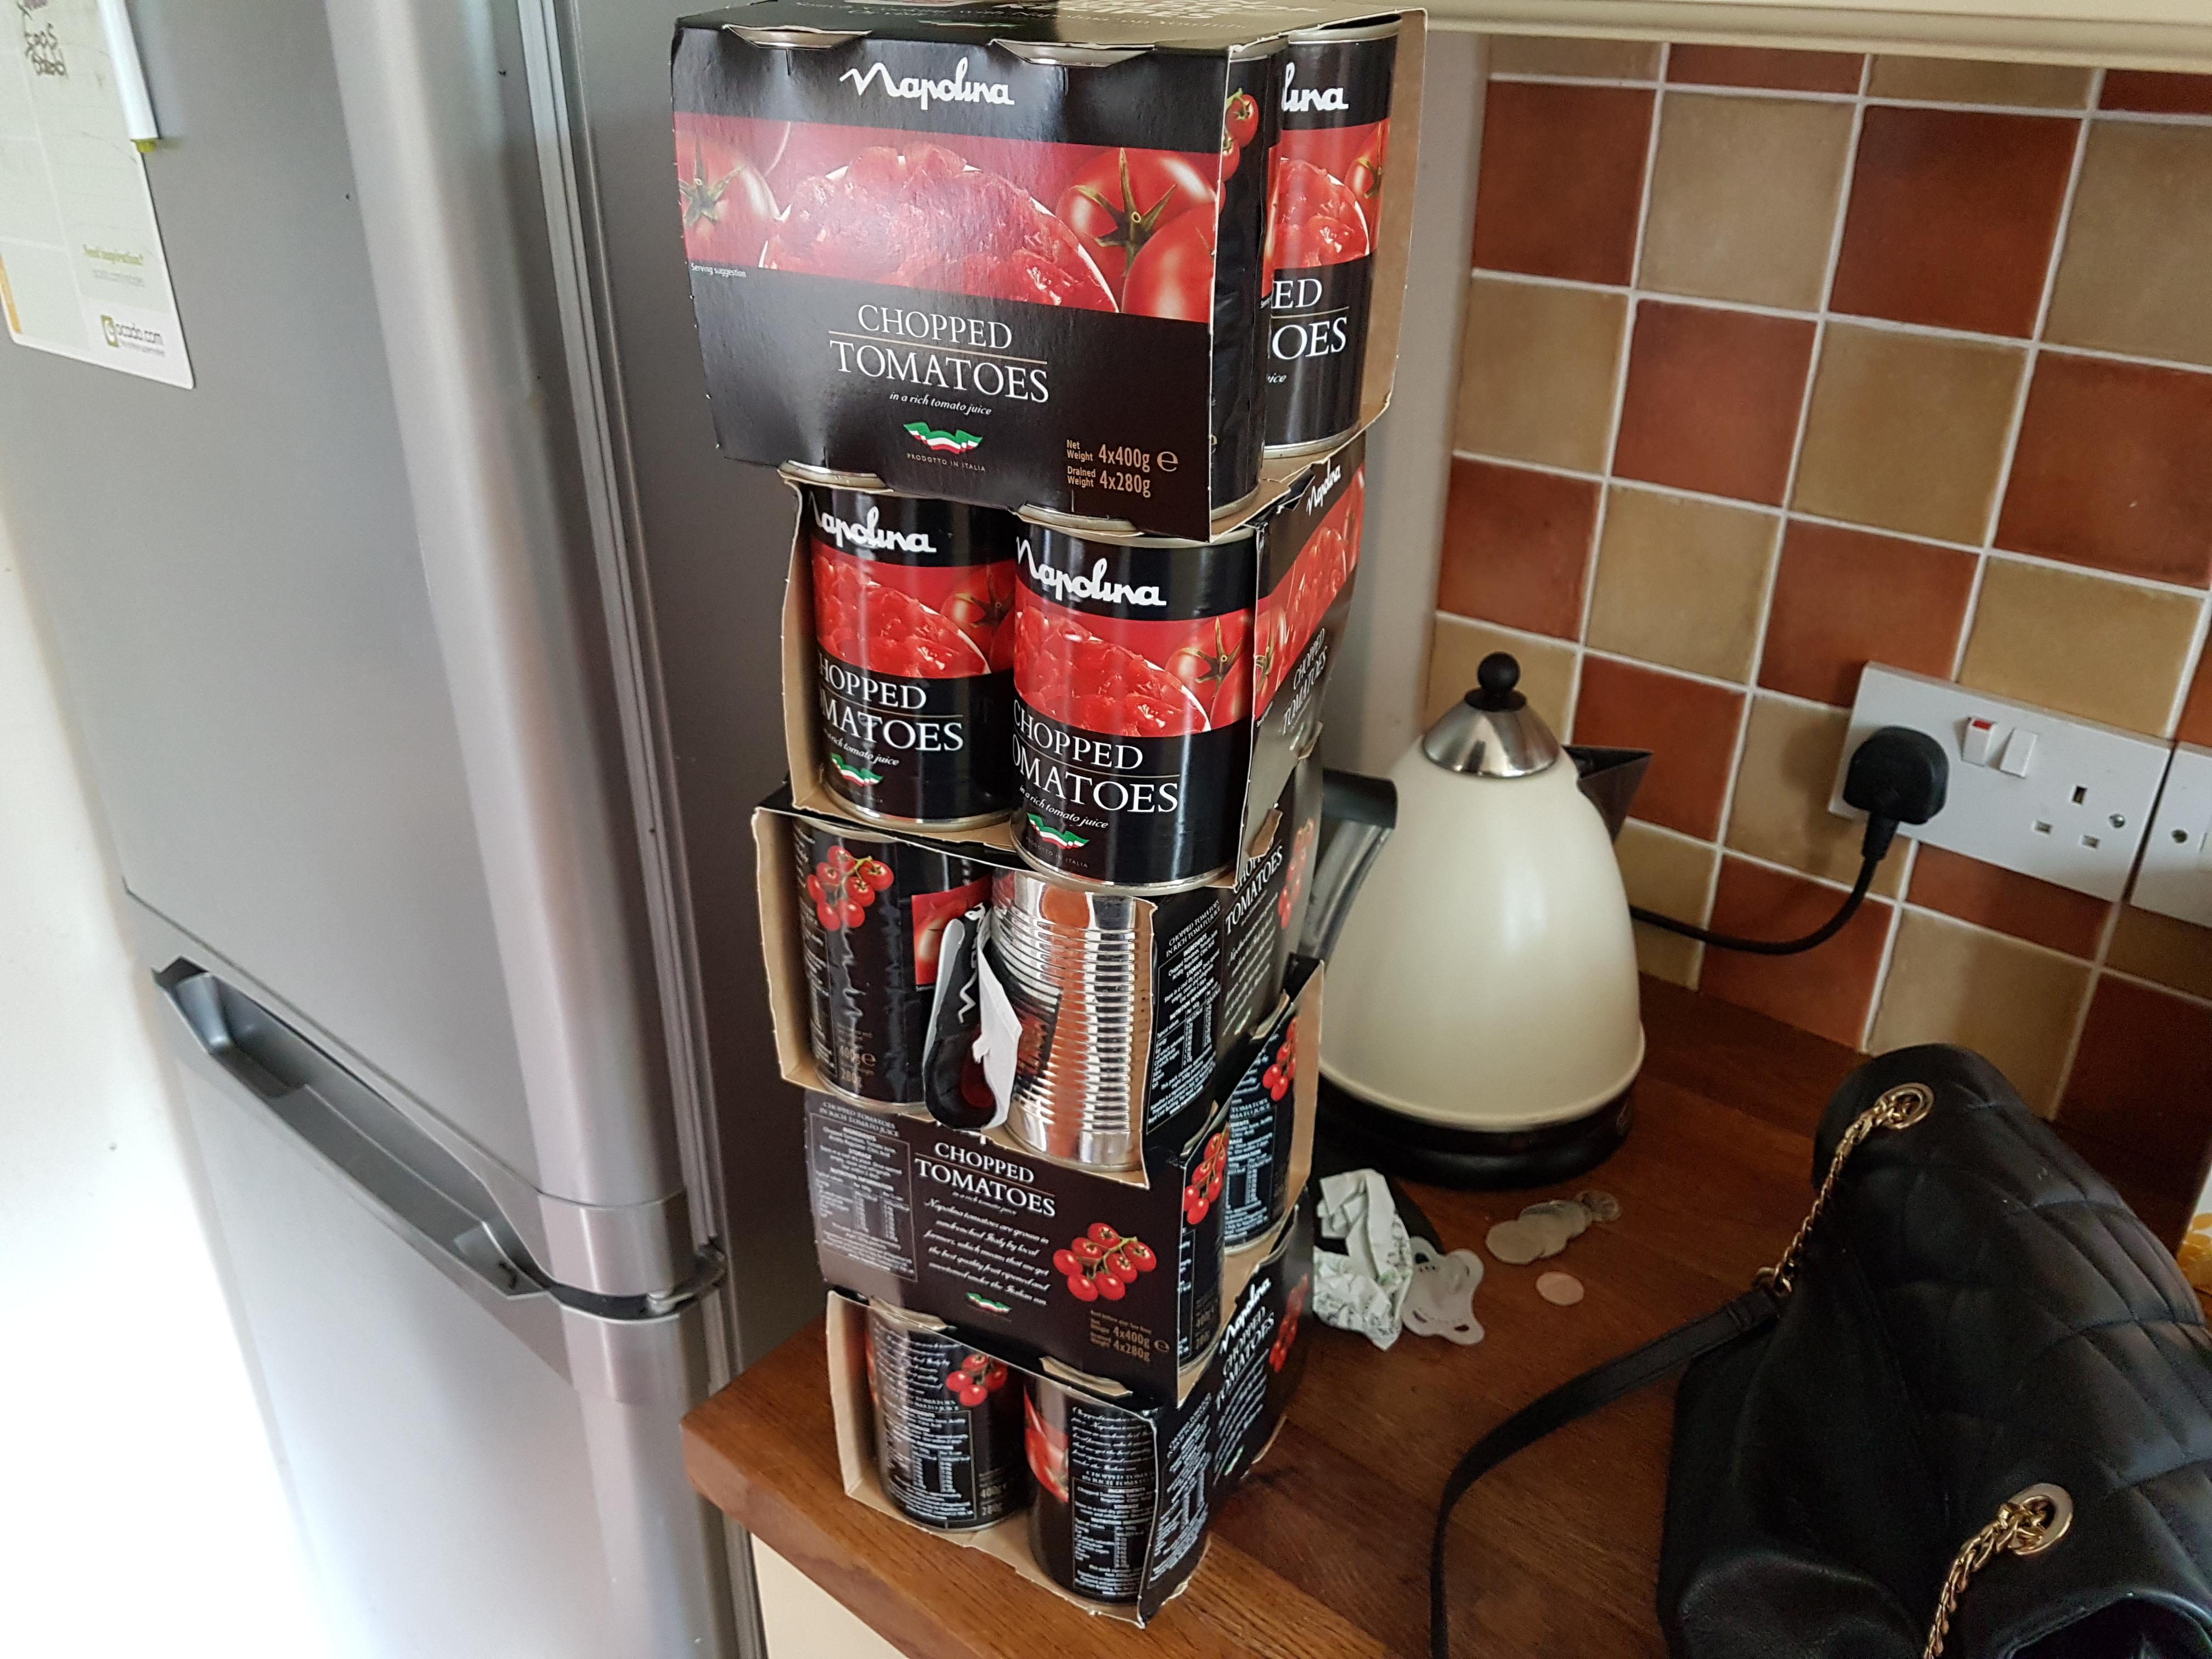 Napolina tinned tomatoes £1 at asda 4 pack